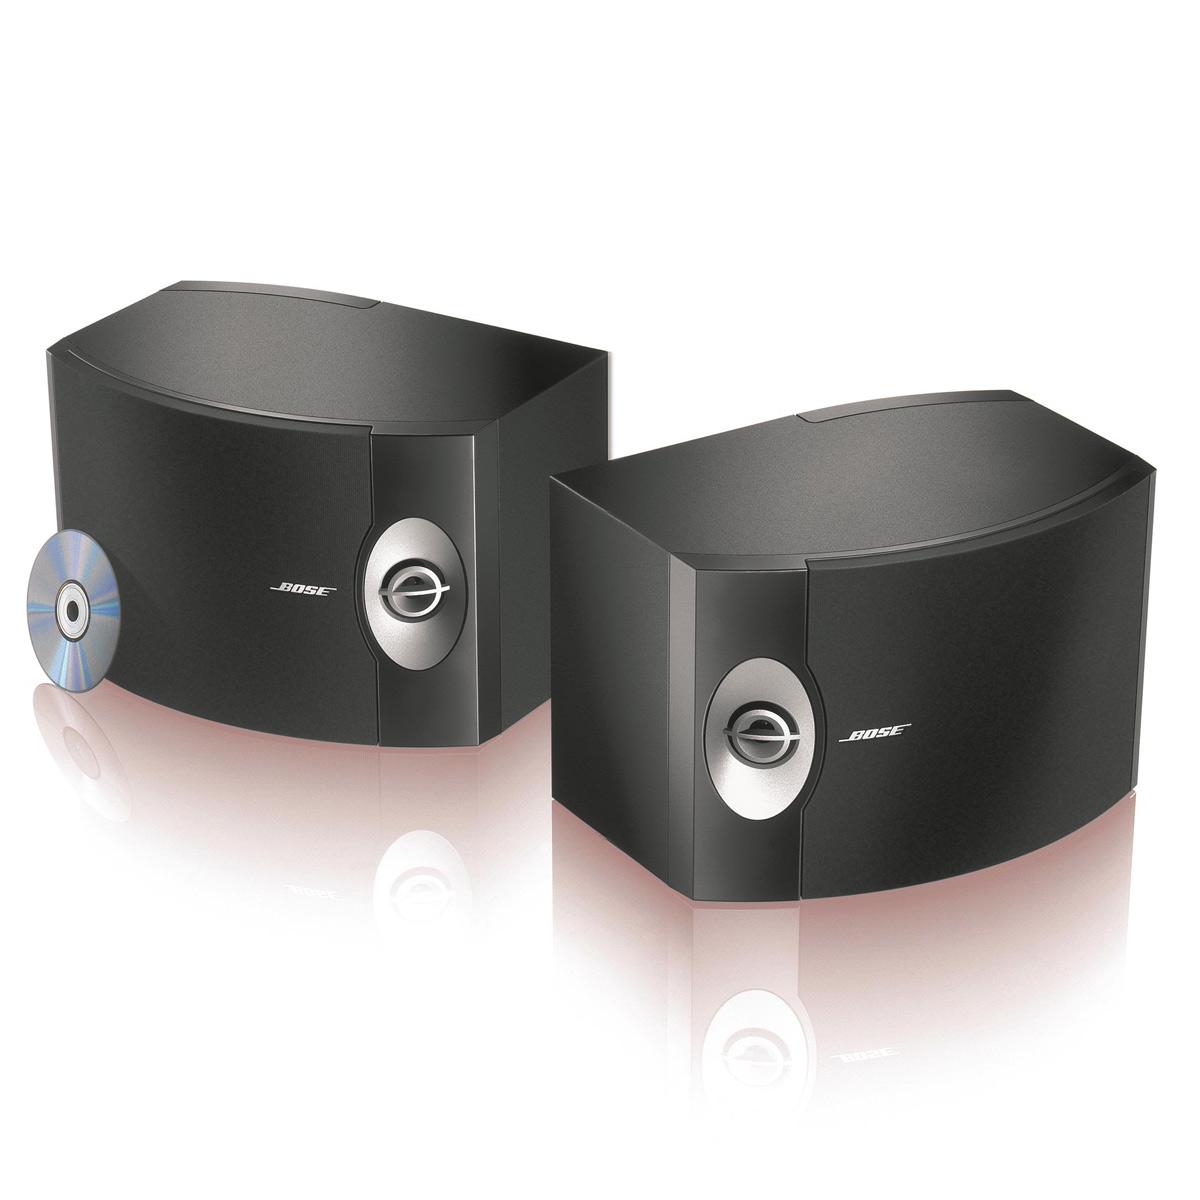 bose 301 wiring diagram    bose       301    series v direct reflecting speaker system ebay     bose       301    series v direct reflecting speaker system ebay